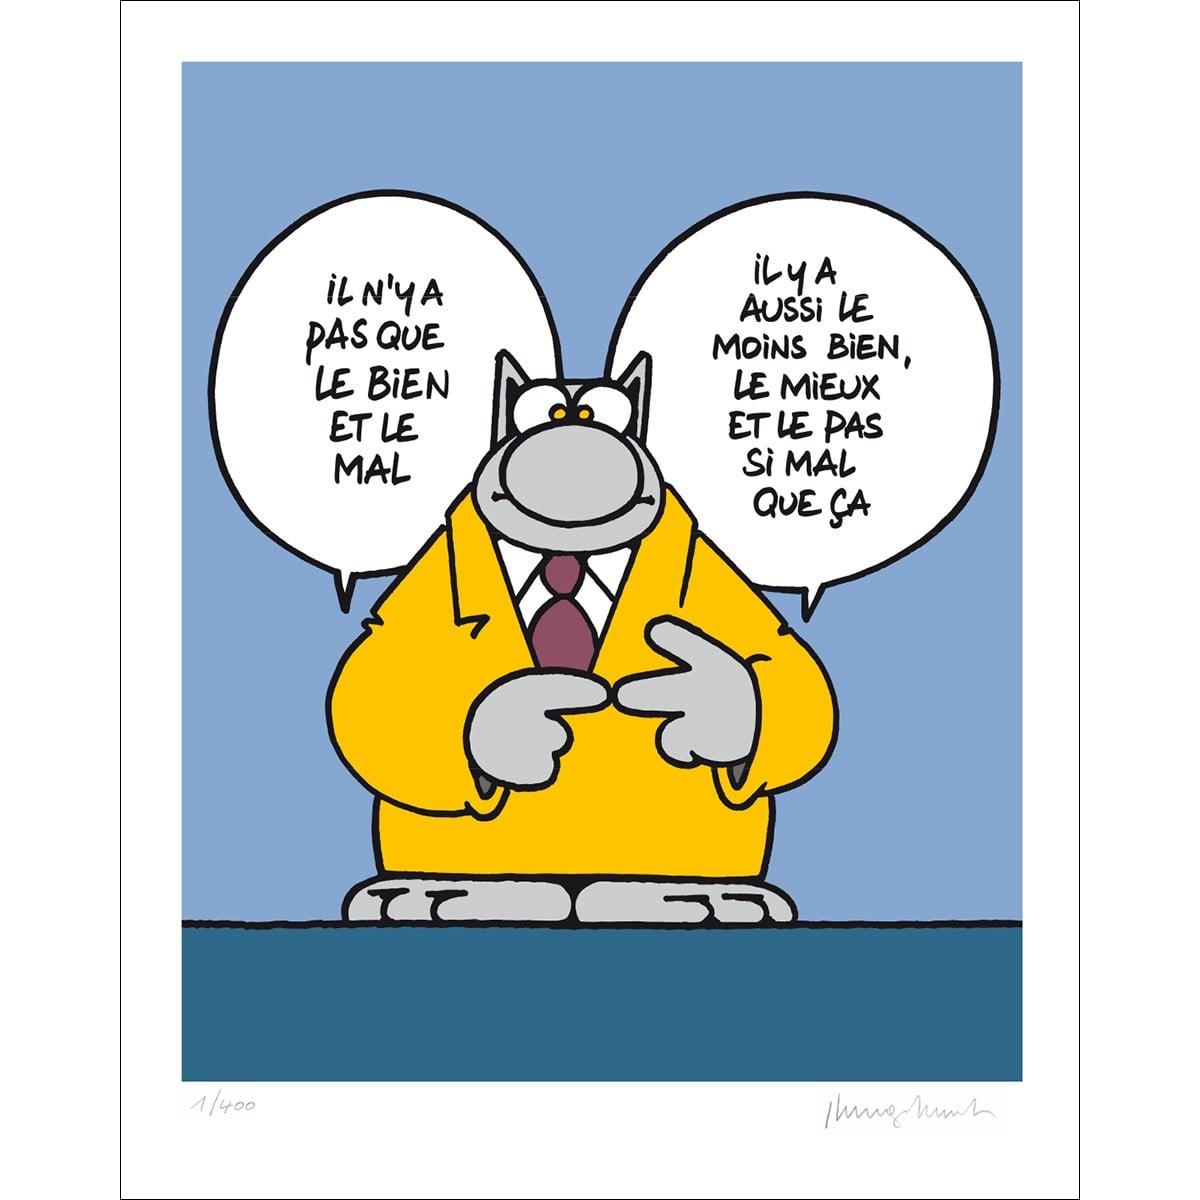 HUMOUR : Le Bien et le Mal, avec des nuances, selon le Chat (Image) Serigraphie-bien-et-mal-50x40